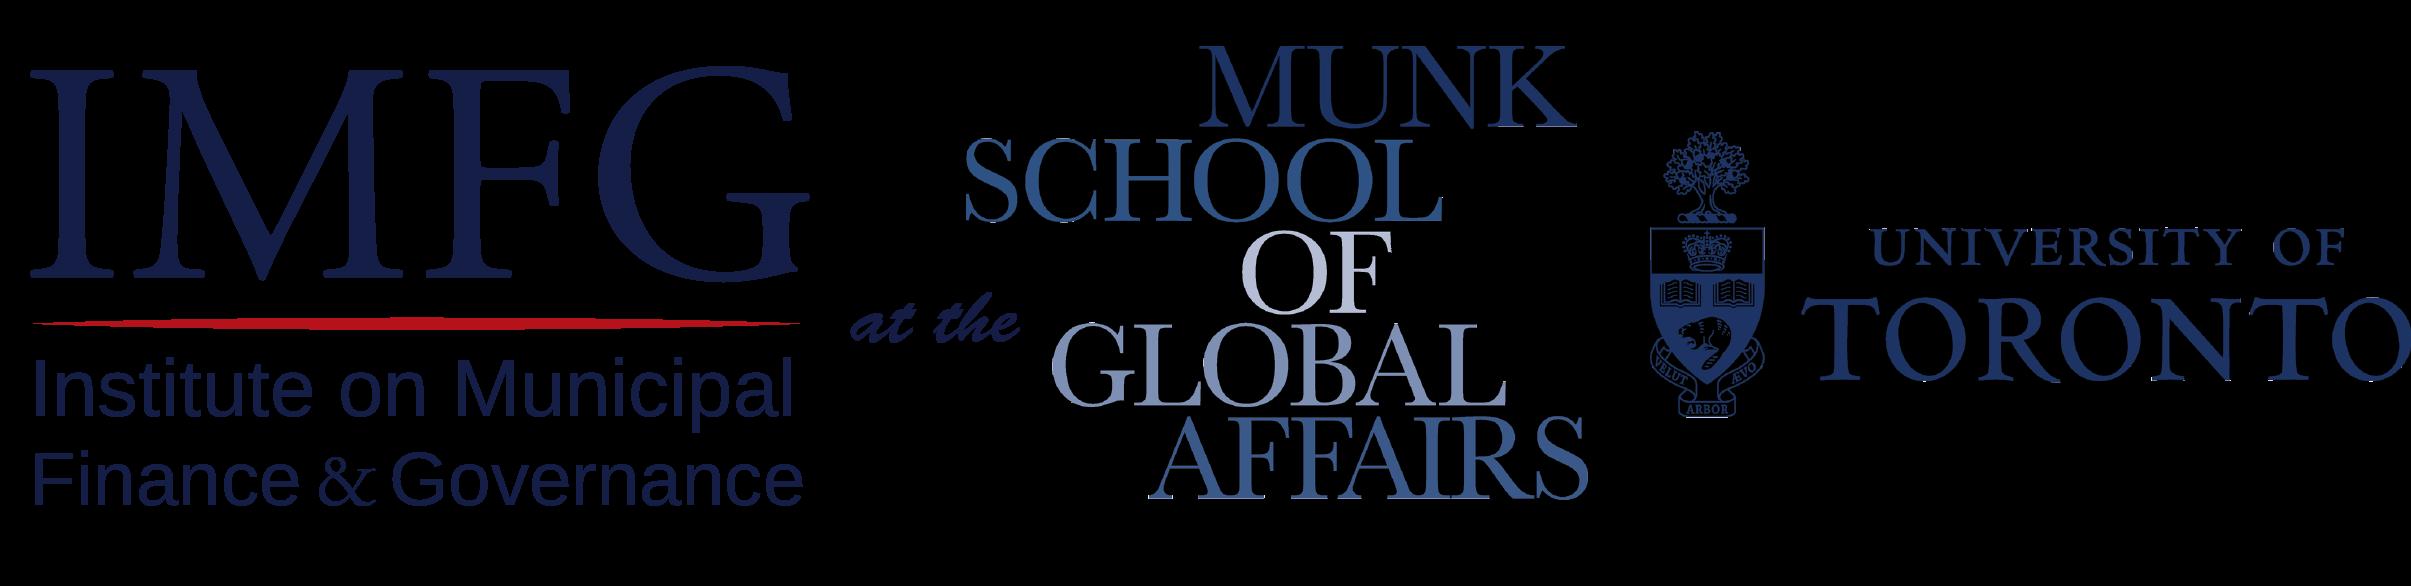 IMFG 3 logos